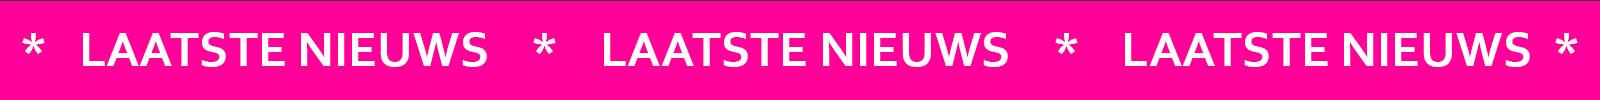 Roze balk met laatste nieuws in witte letters